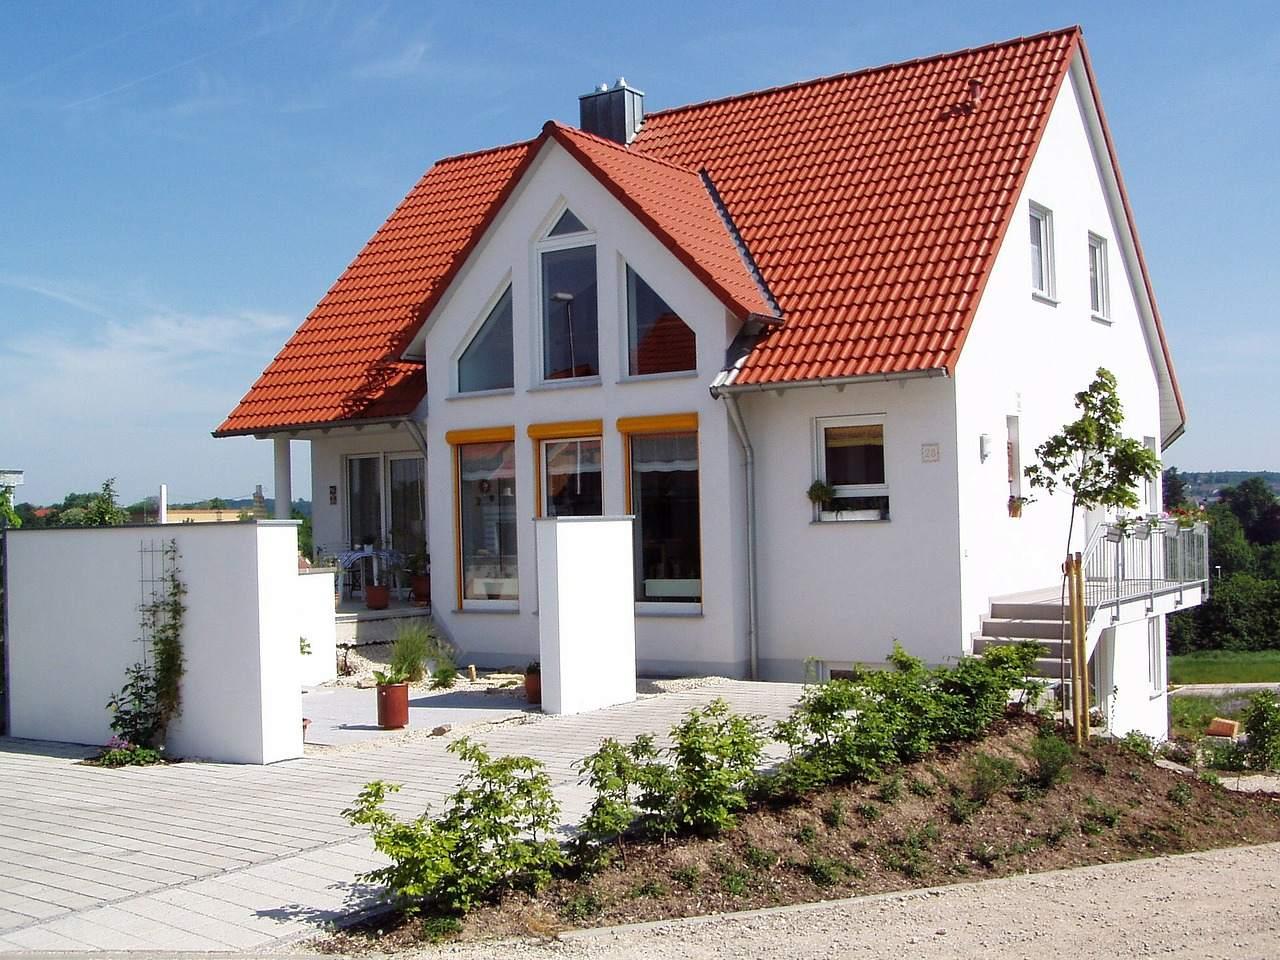 Immobilien Beispielhaus Deutschland